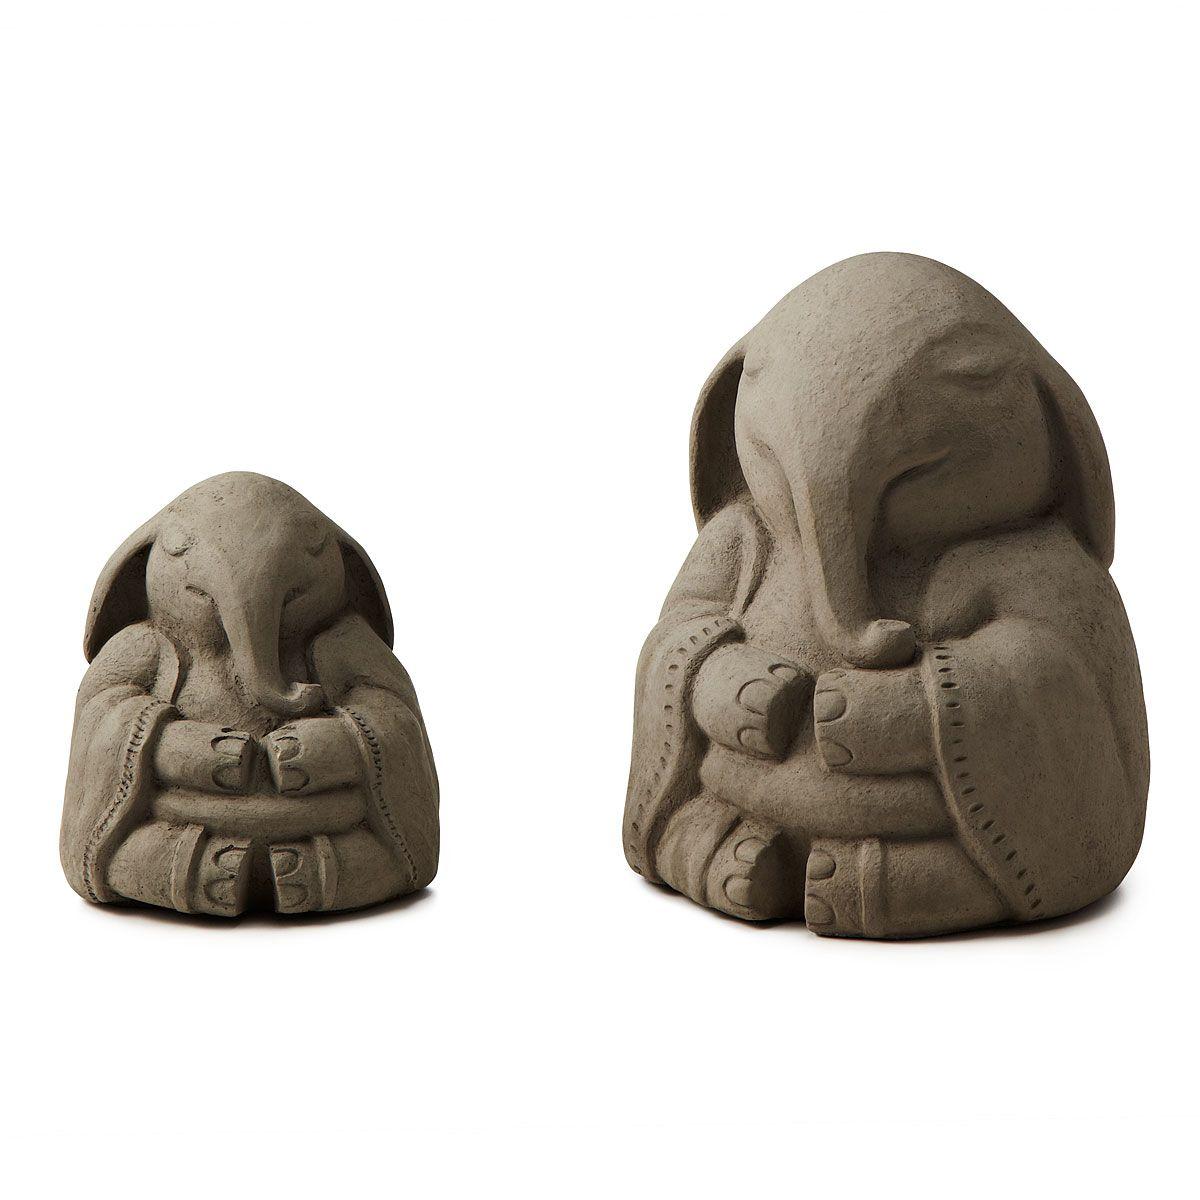 ZEN ELEPHANT GARDEN SCULPTURE | zen garden, praying sculpture | UncommonGoods